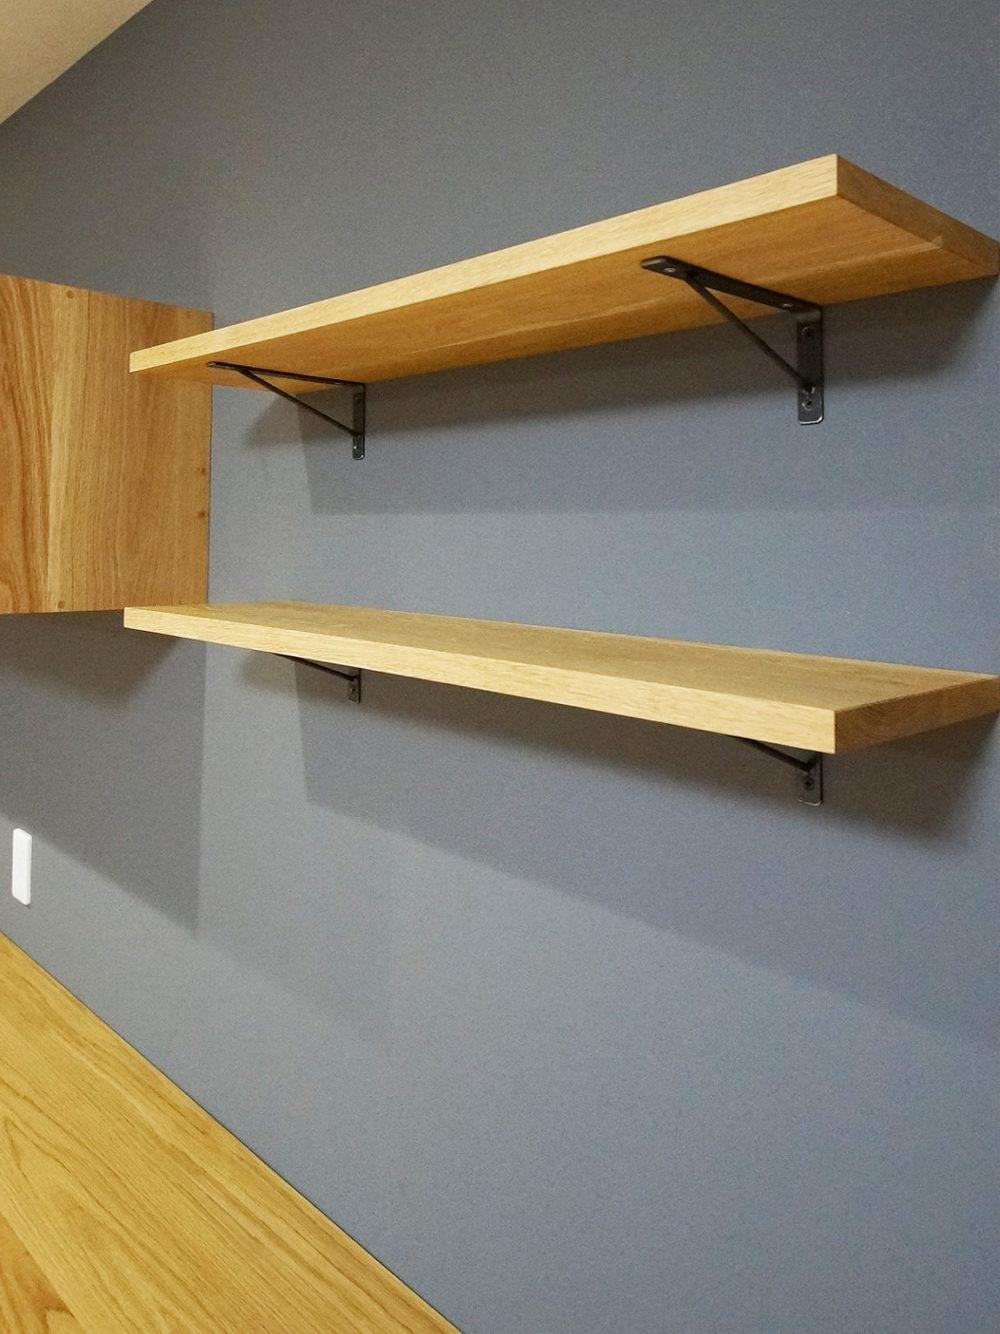 オーダー家具・食器棚カップボード/関西・奈良